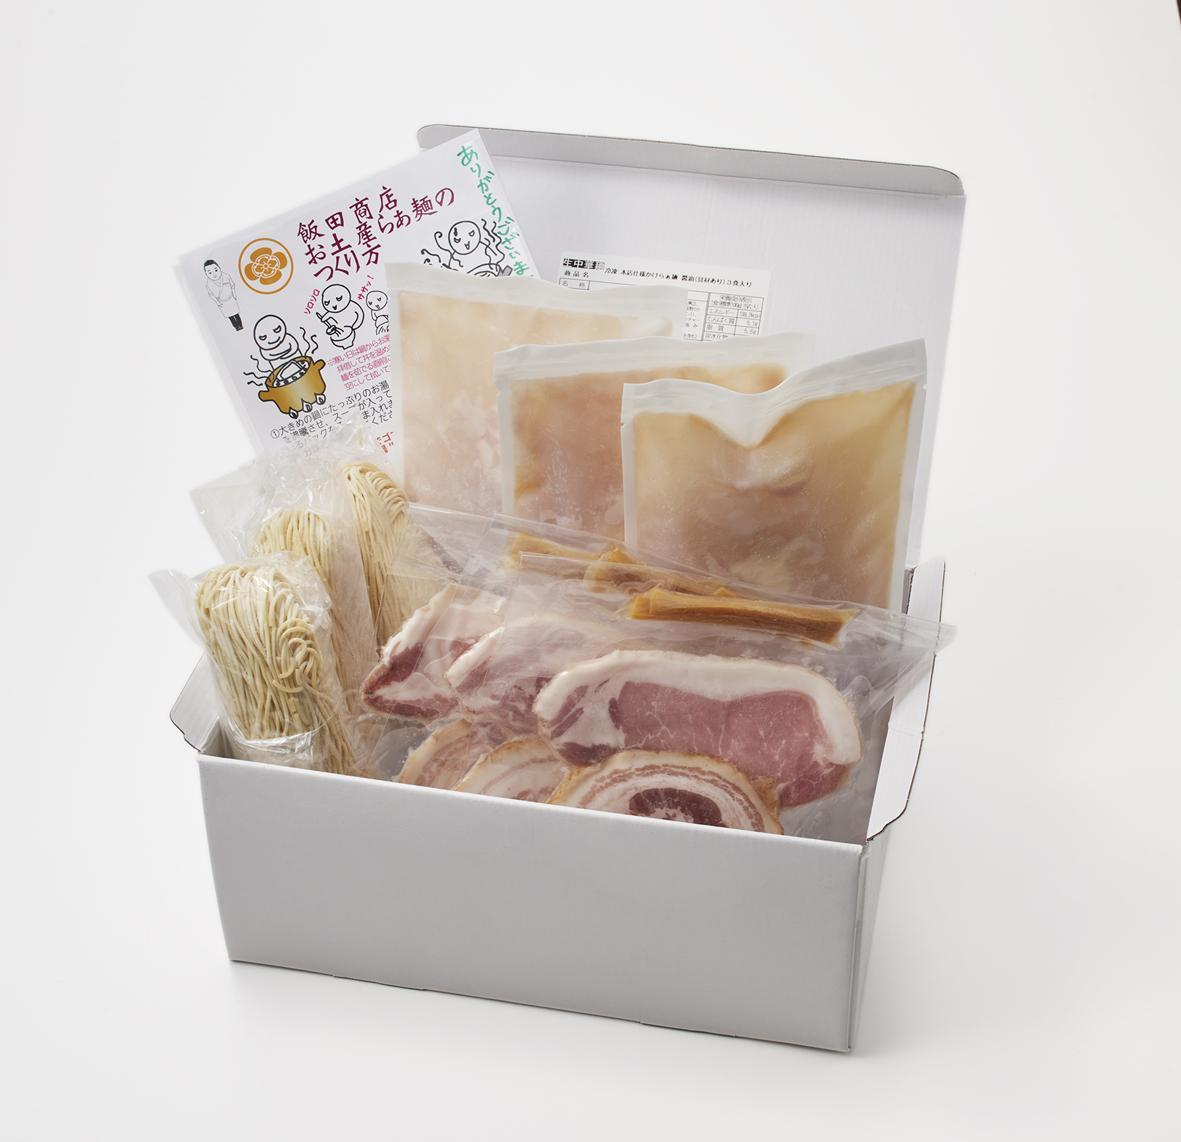 らぁ麺 飯田商店の「本店仕様かけ醤油らぁ麺セット」(具材パック付き)